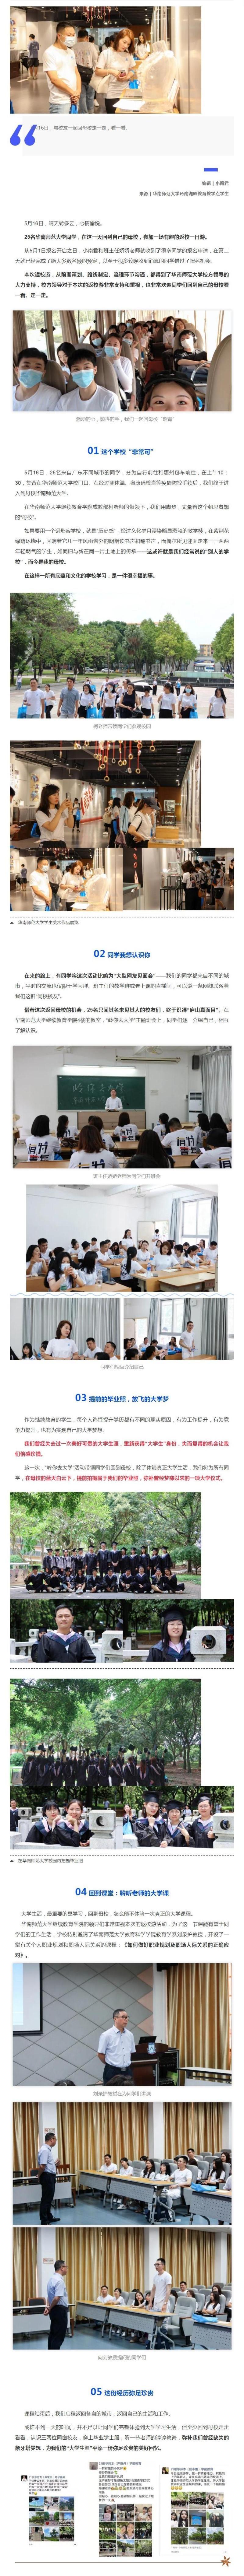 WPS圖片-修改尺寸2.jpg